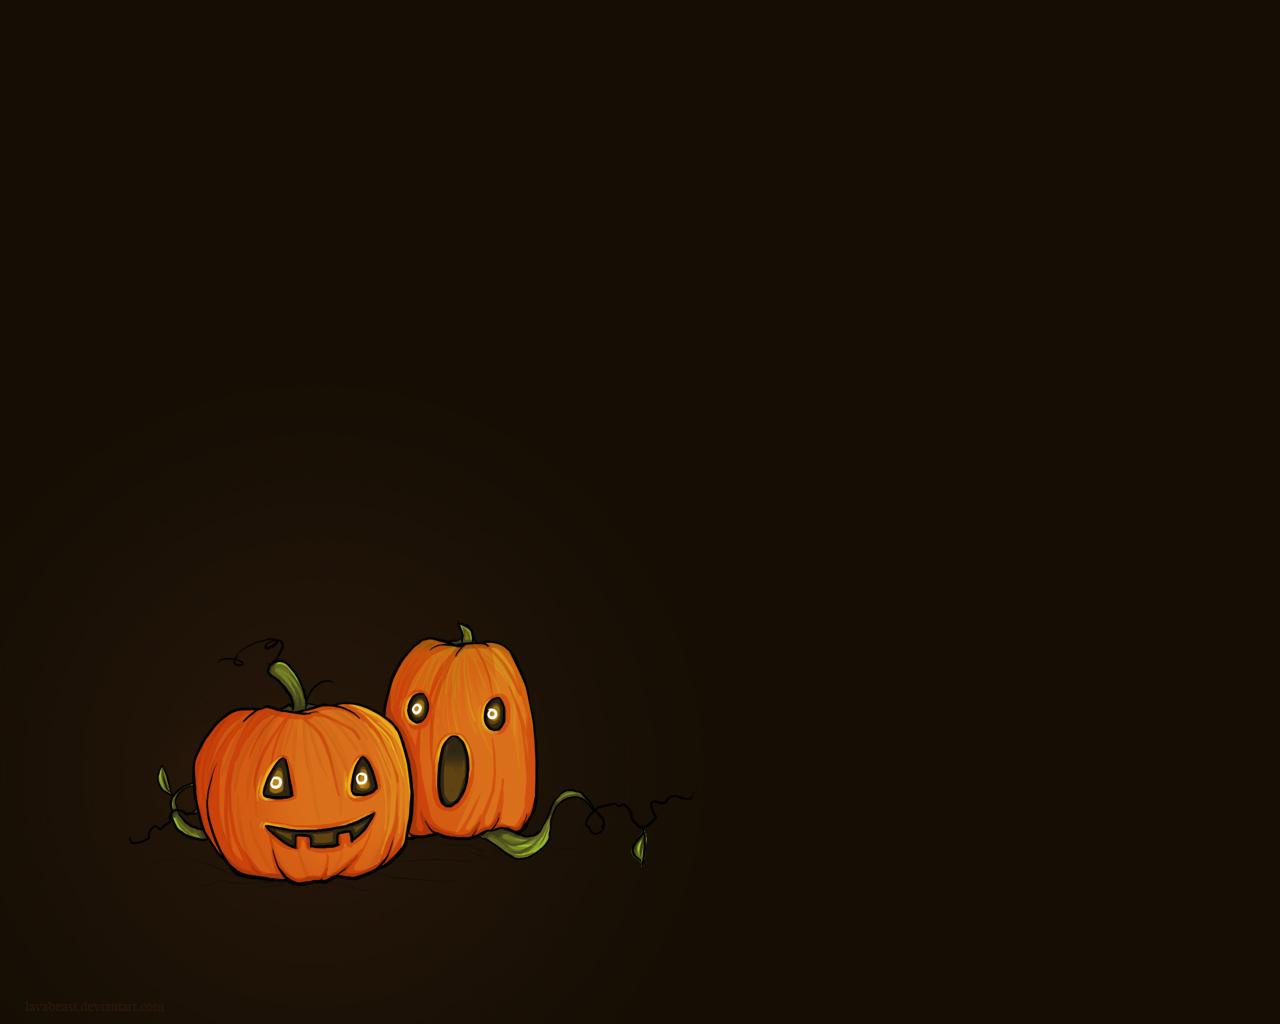 Pumpkins Thanksgiving Wallpaper HD Wallpaper WallpaperLepi 1280x1024